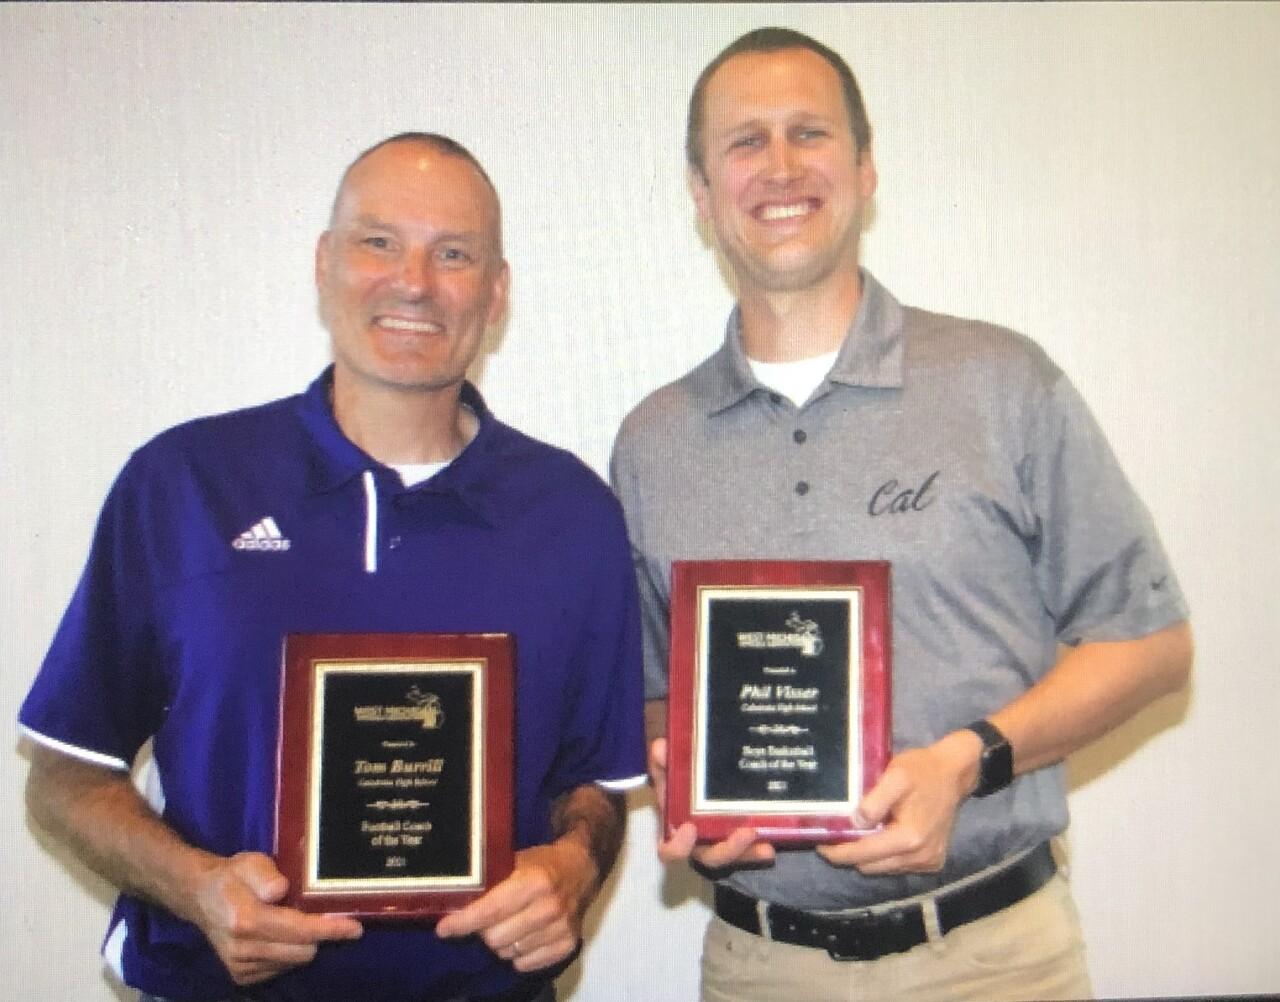 Caledonia coaches Tom Burrill and Phil Visser